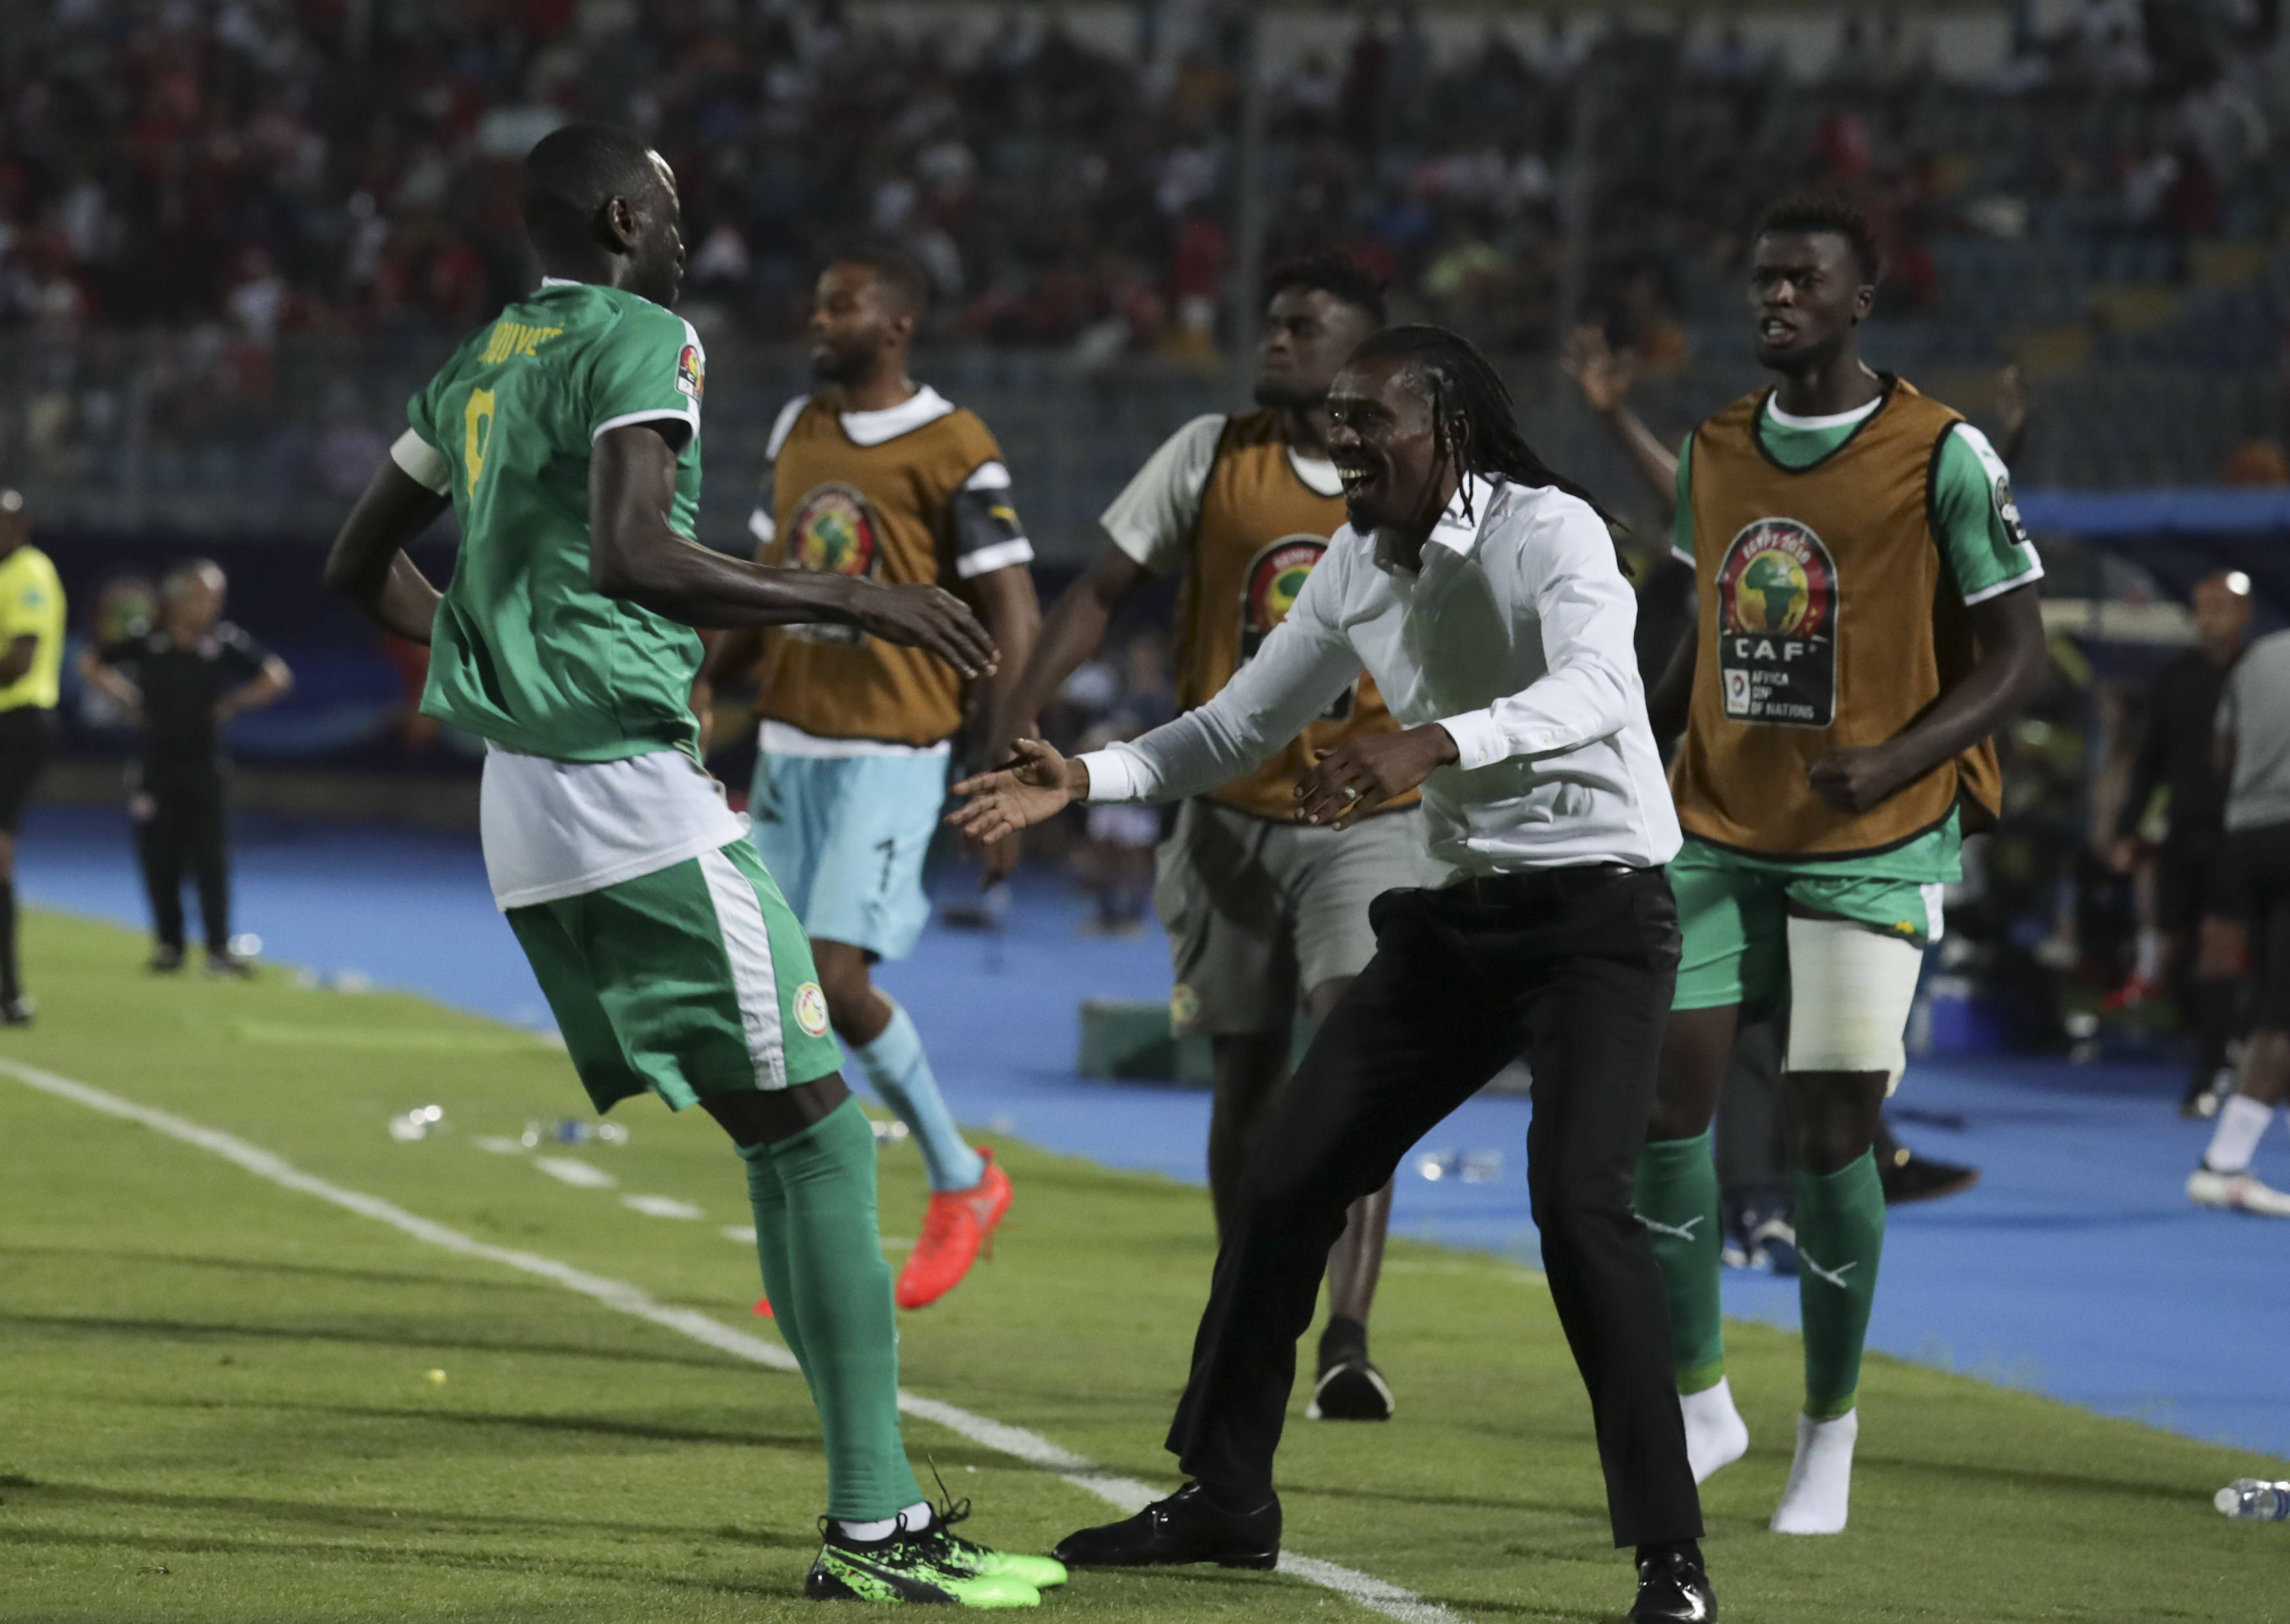 Aliou Cissé et les joueurs sénégalais célèbrent l'ouverture du score des Lions de la Teranga dans la demi-finale de la CAN 2019 face à la Tunisie, le 14 juillet au Caire.